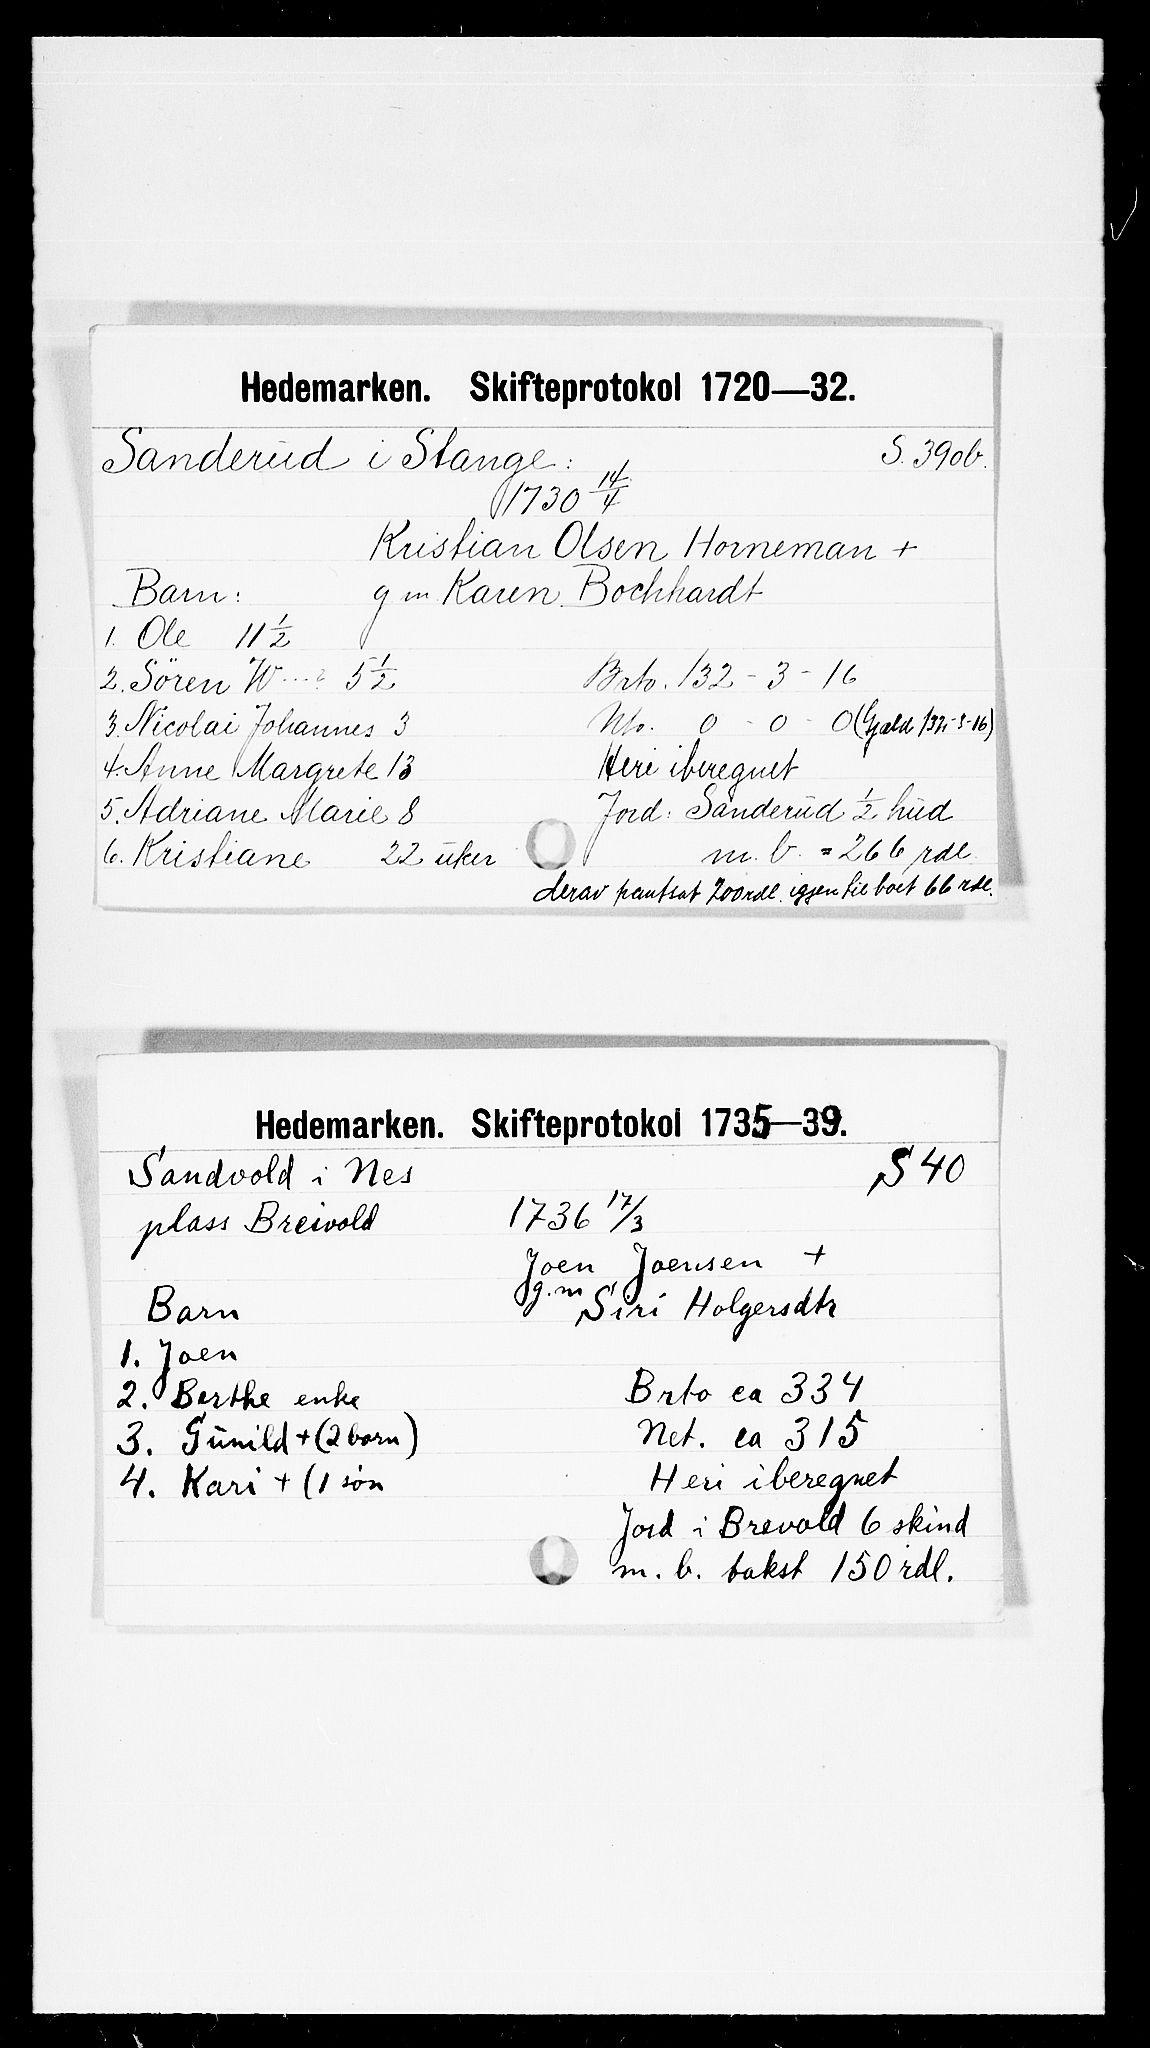 SAH, Hedemarken sorenskriveri, J, 1663-1743, s. 5386